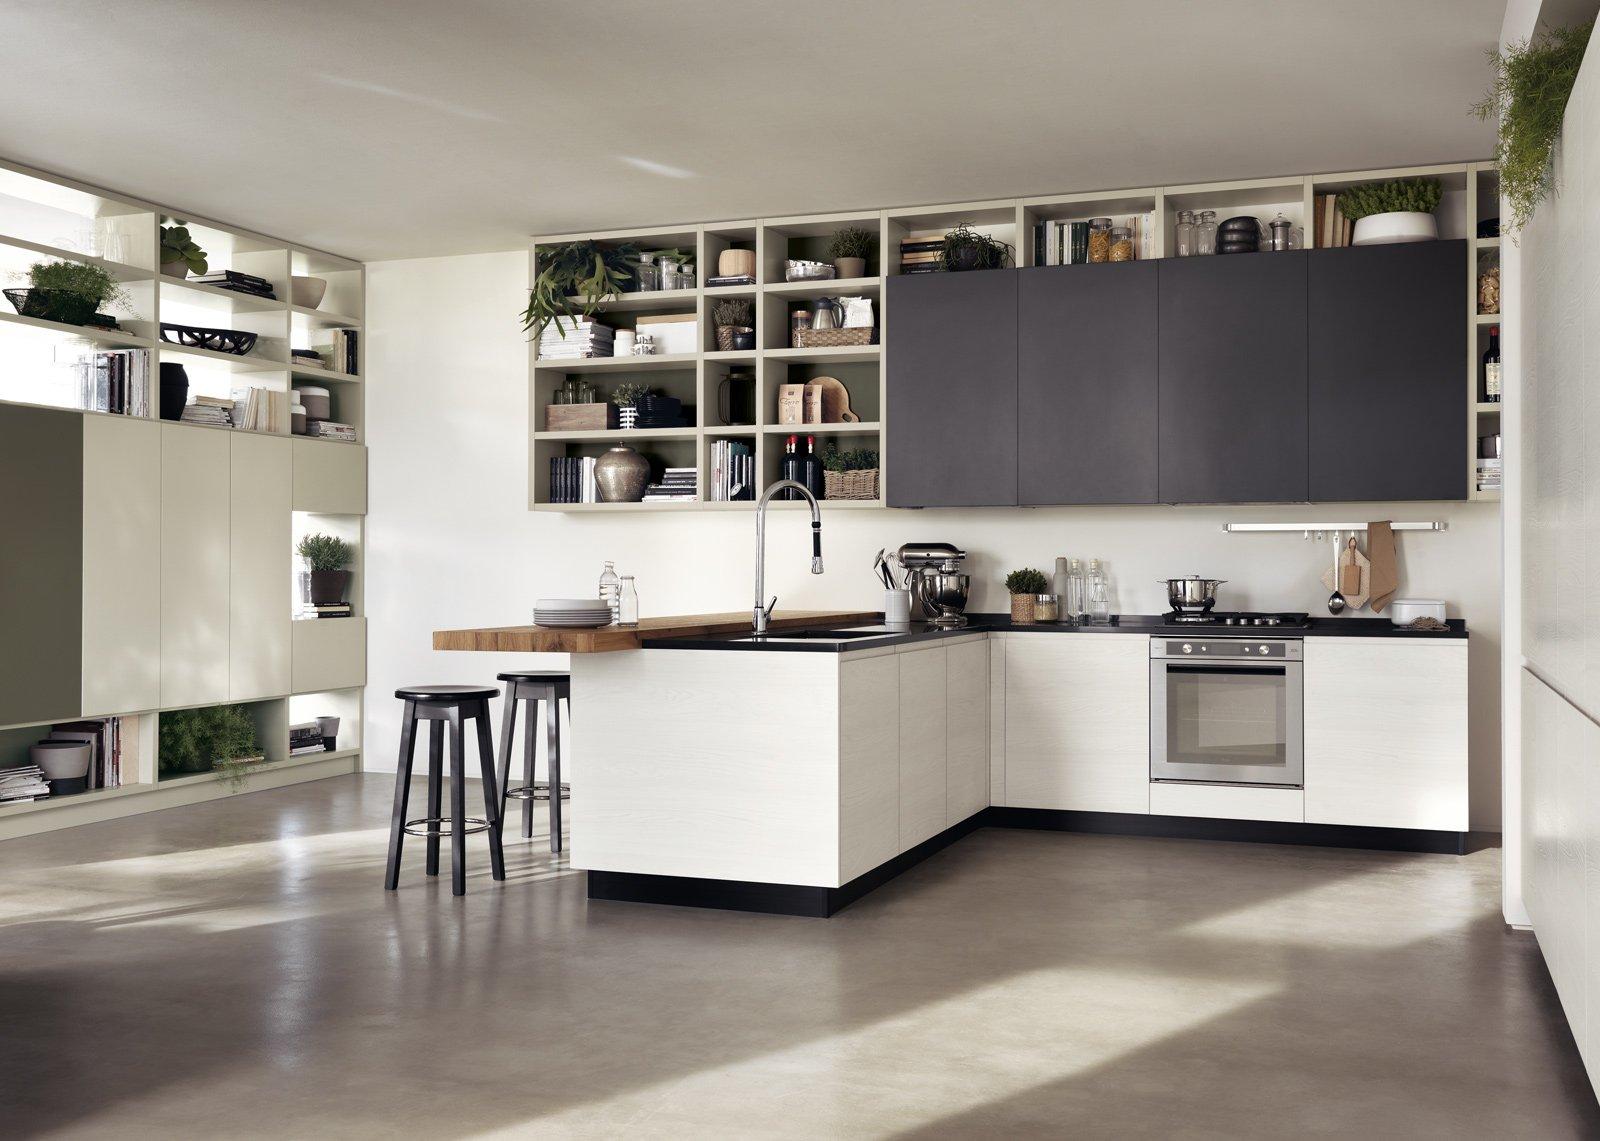 Cucina: contenere di più con tanti pensili o pensili grandi - Cose ...